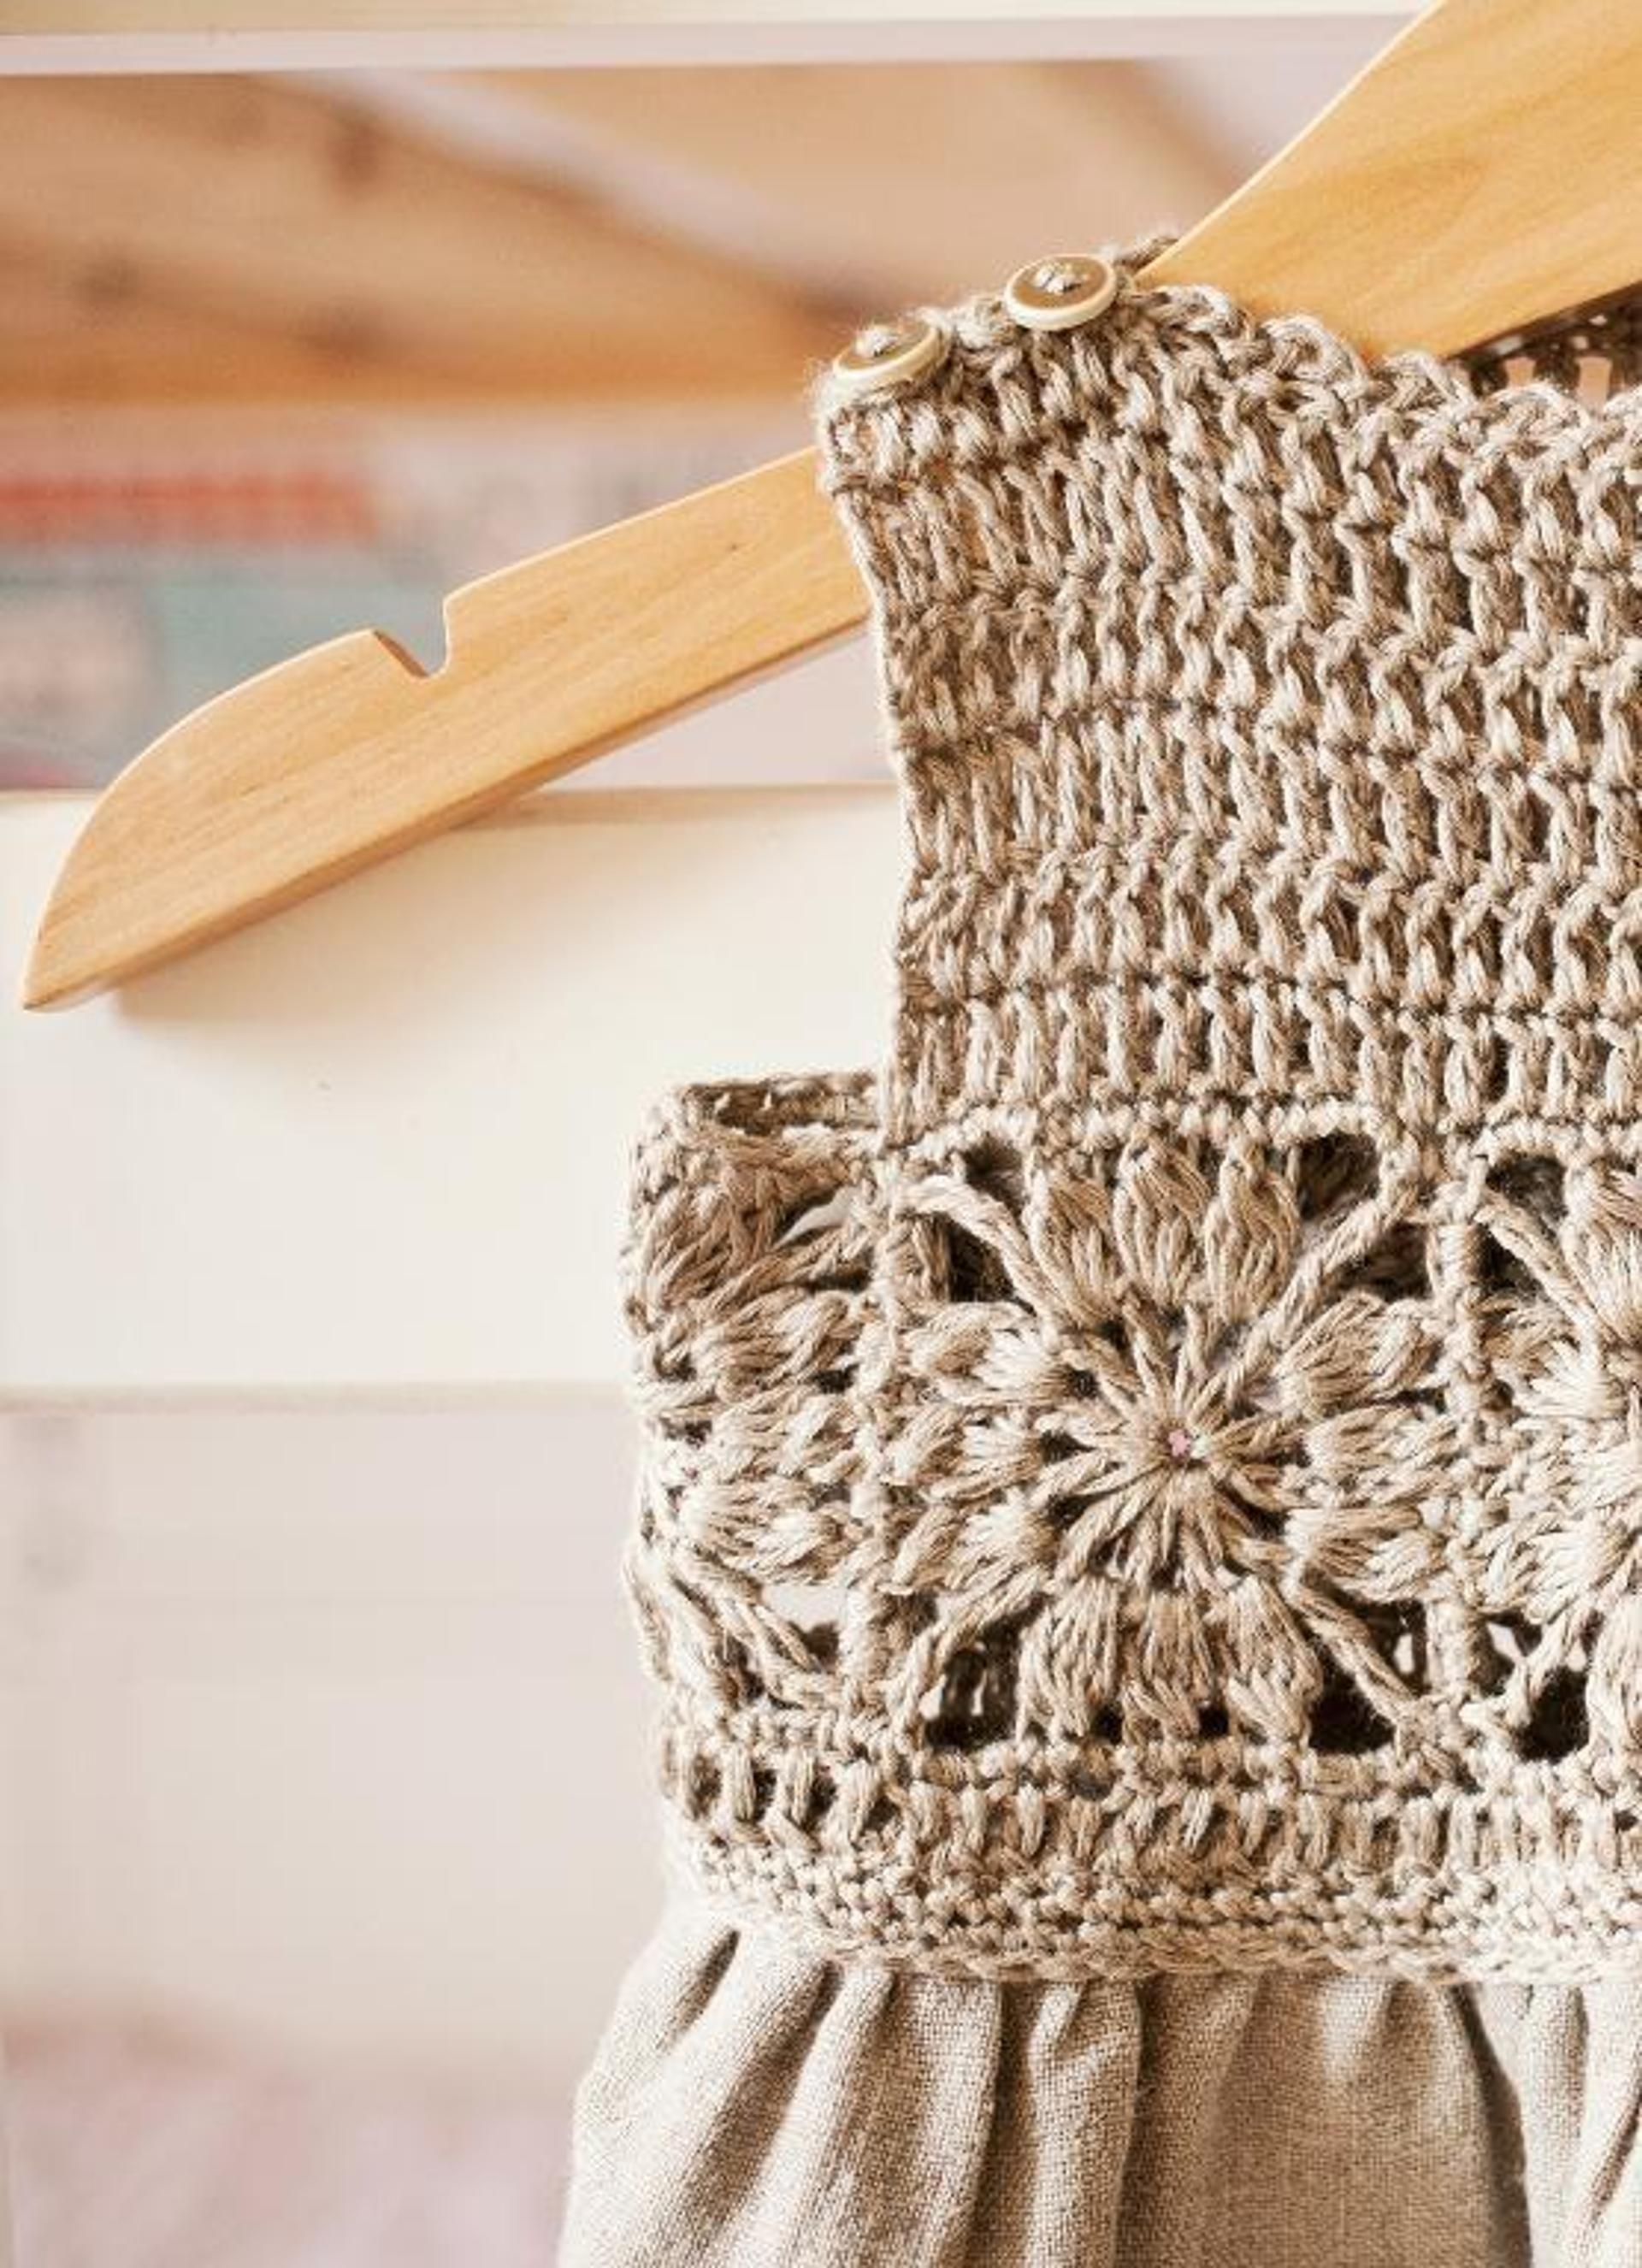 cbdd5a0da7a8 Granny Square crochet fabric dress